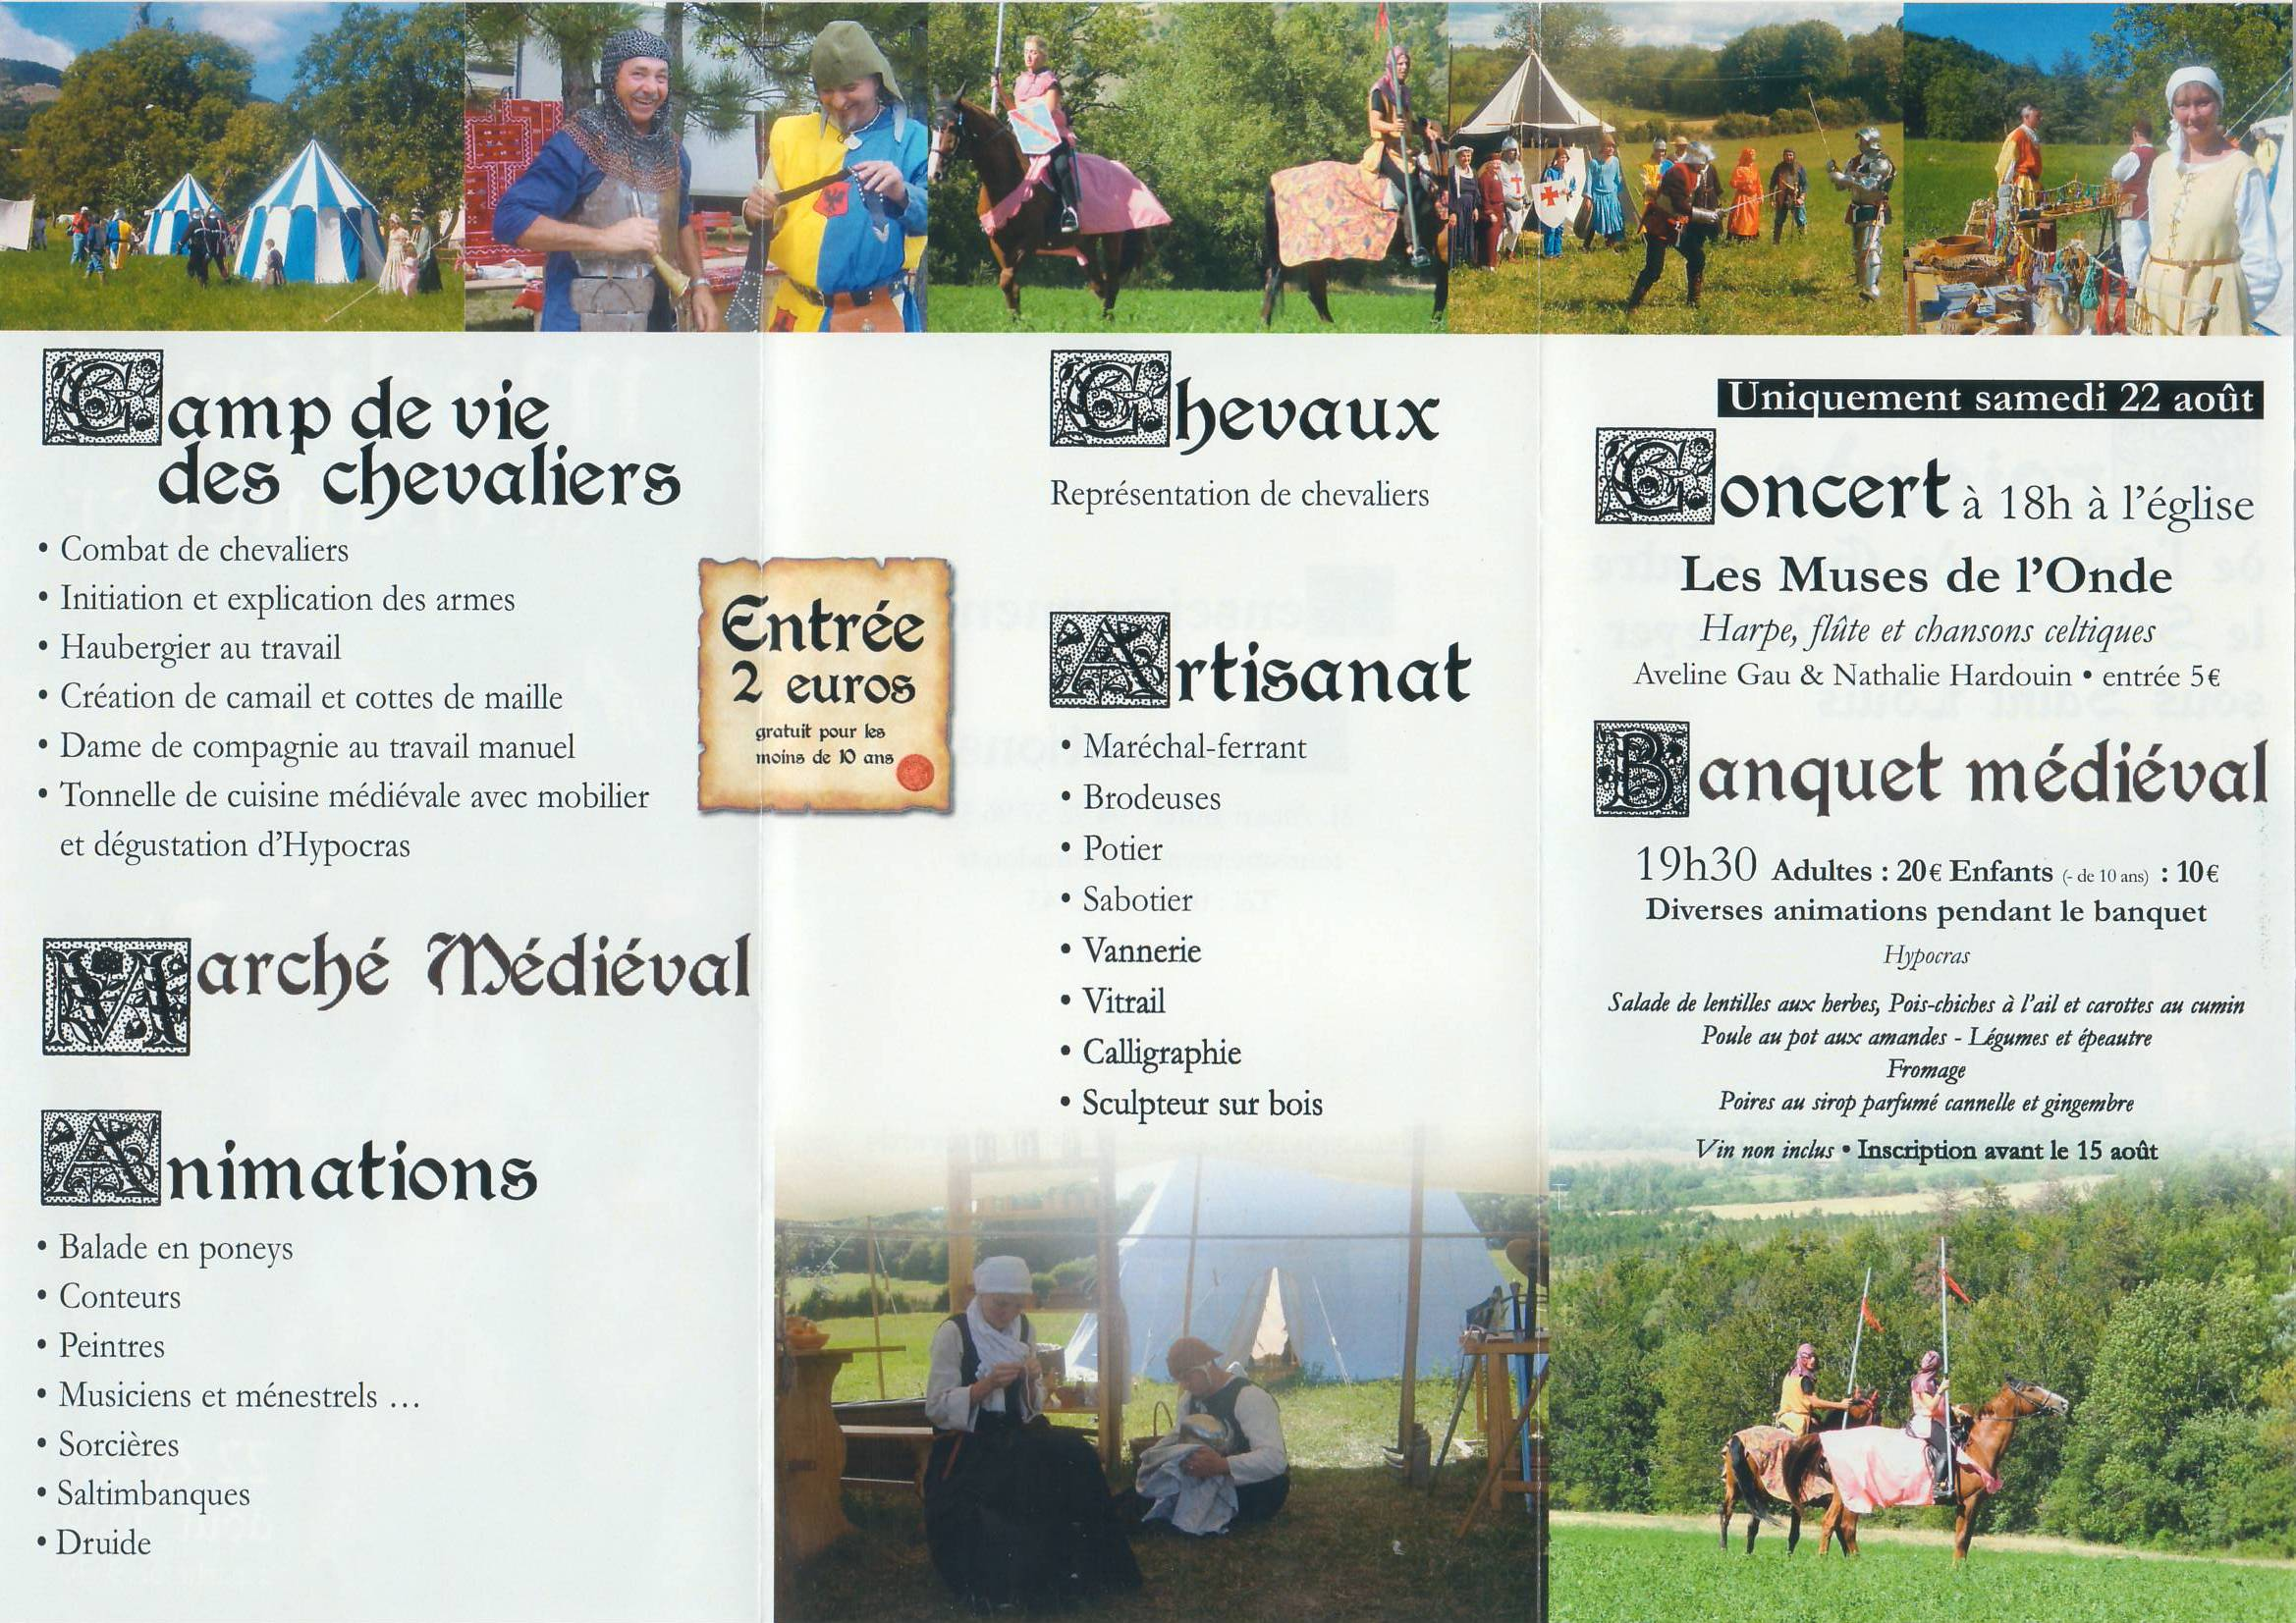 Fete Médiévale de Manteyer - 22-23 Aout 2009 Scan02-106641e